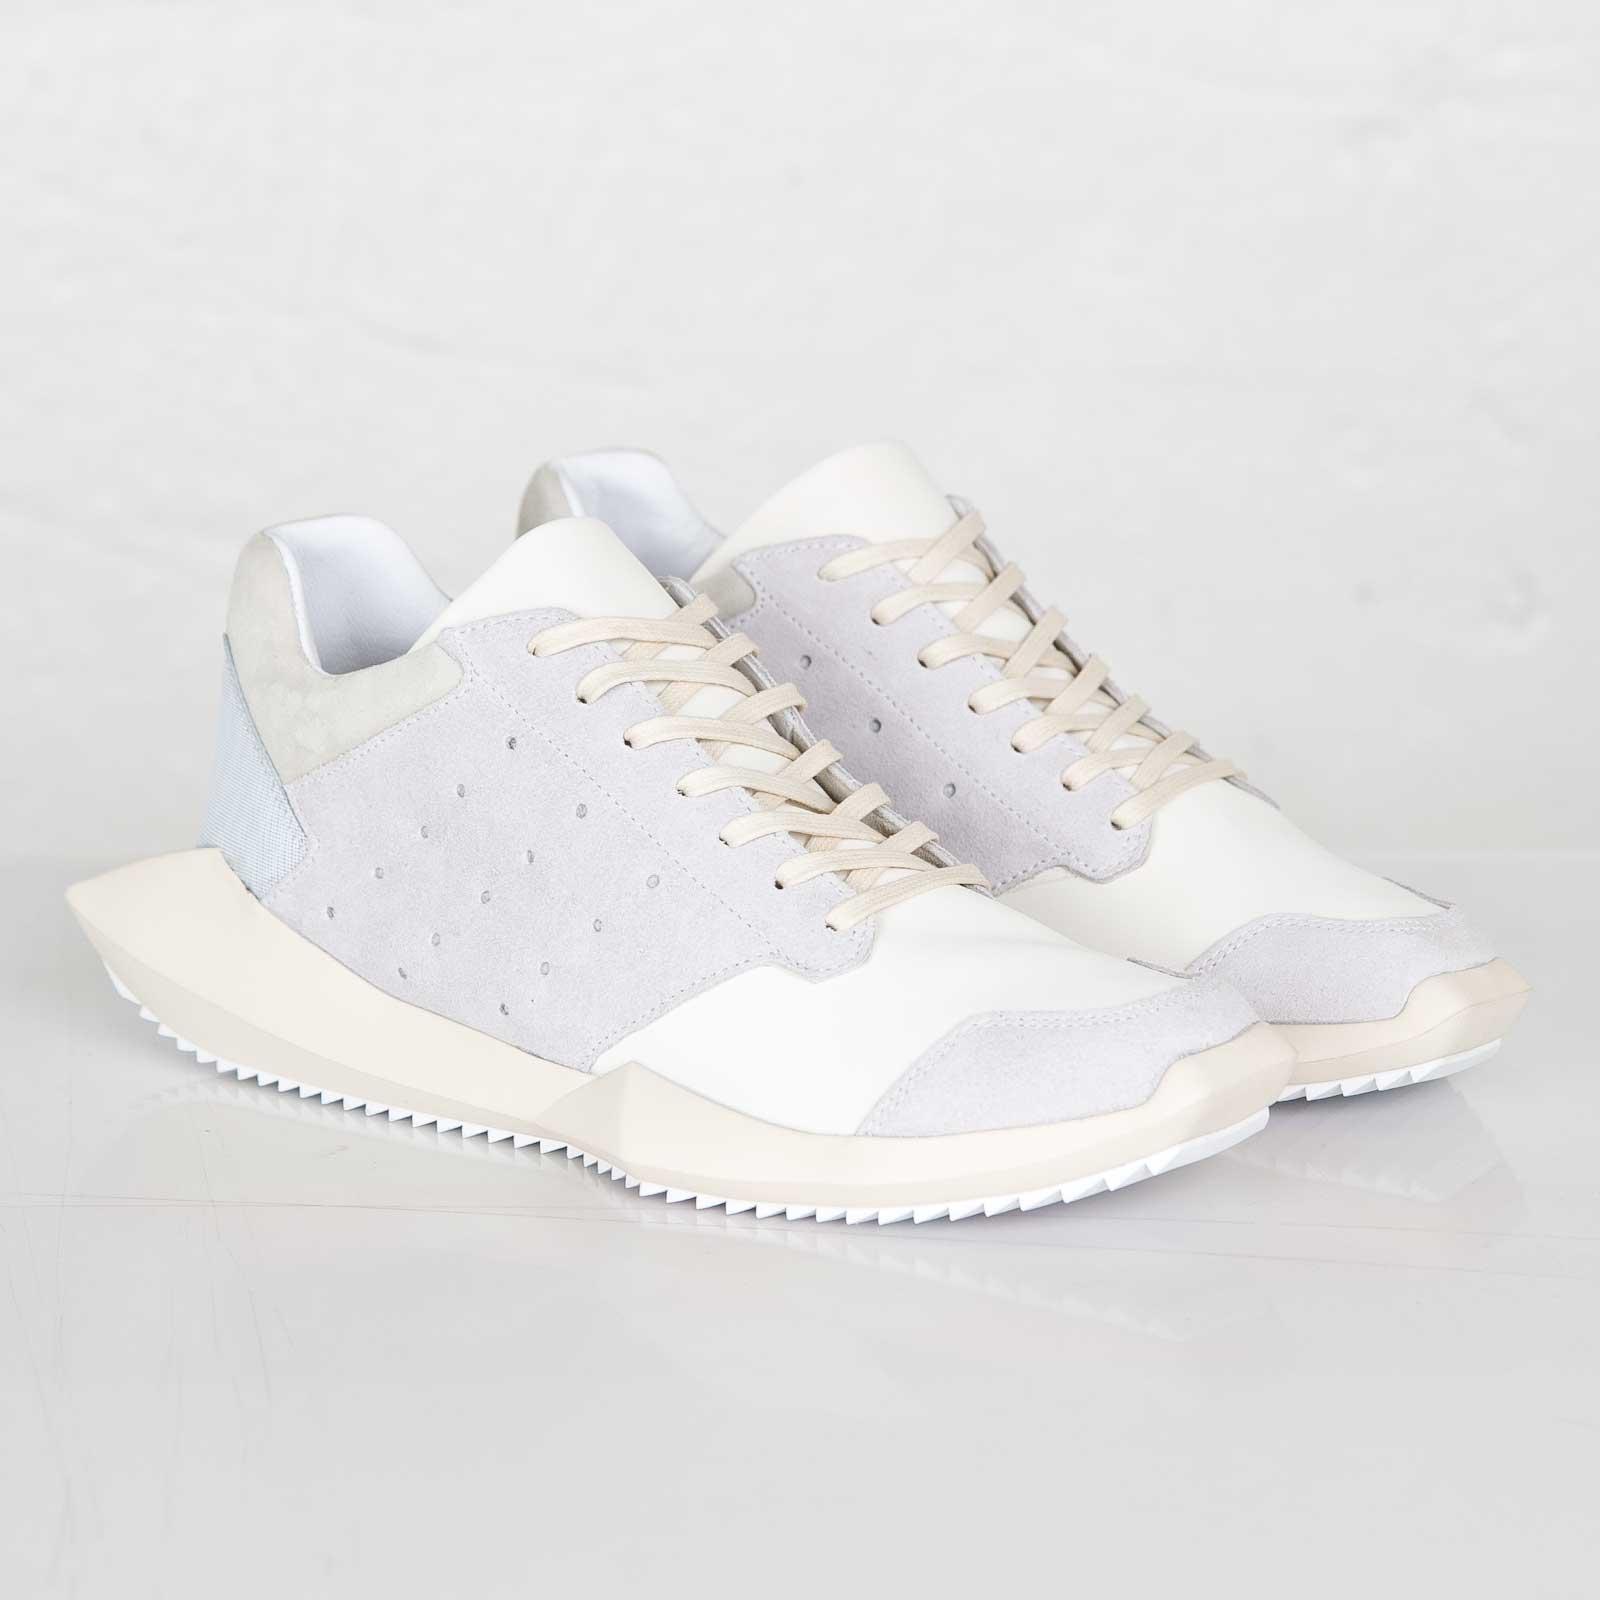 40b5824df45 adidas Rick Owens Tech Runner - B35085 - Sneakersnstuff